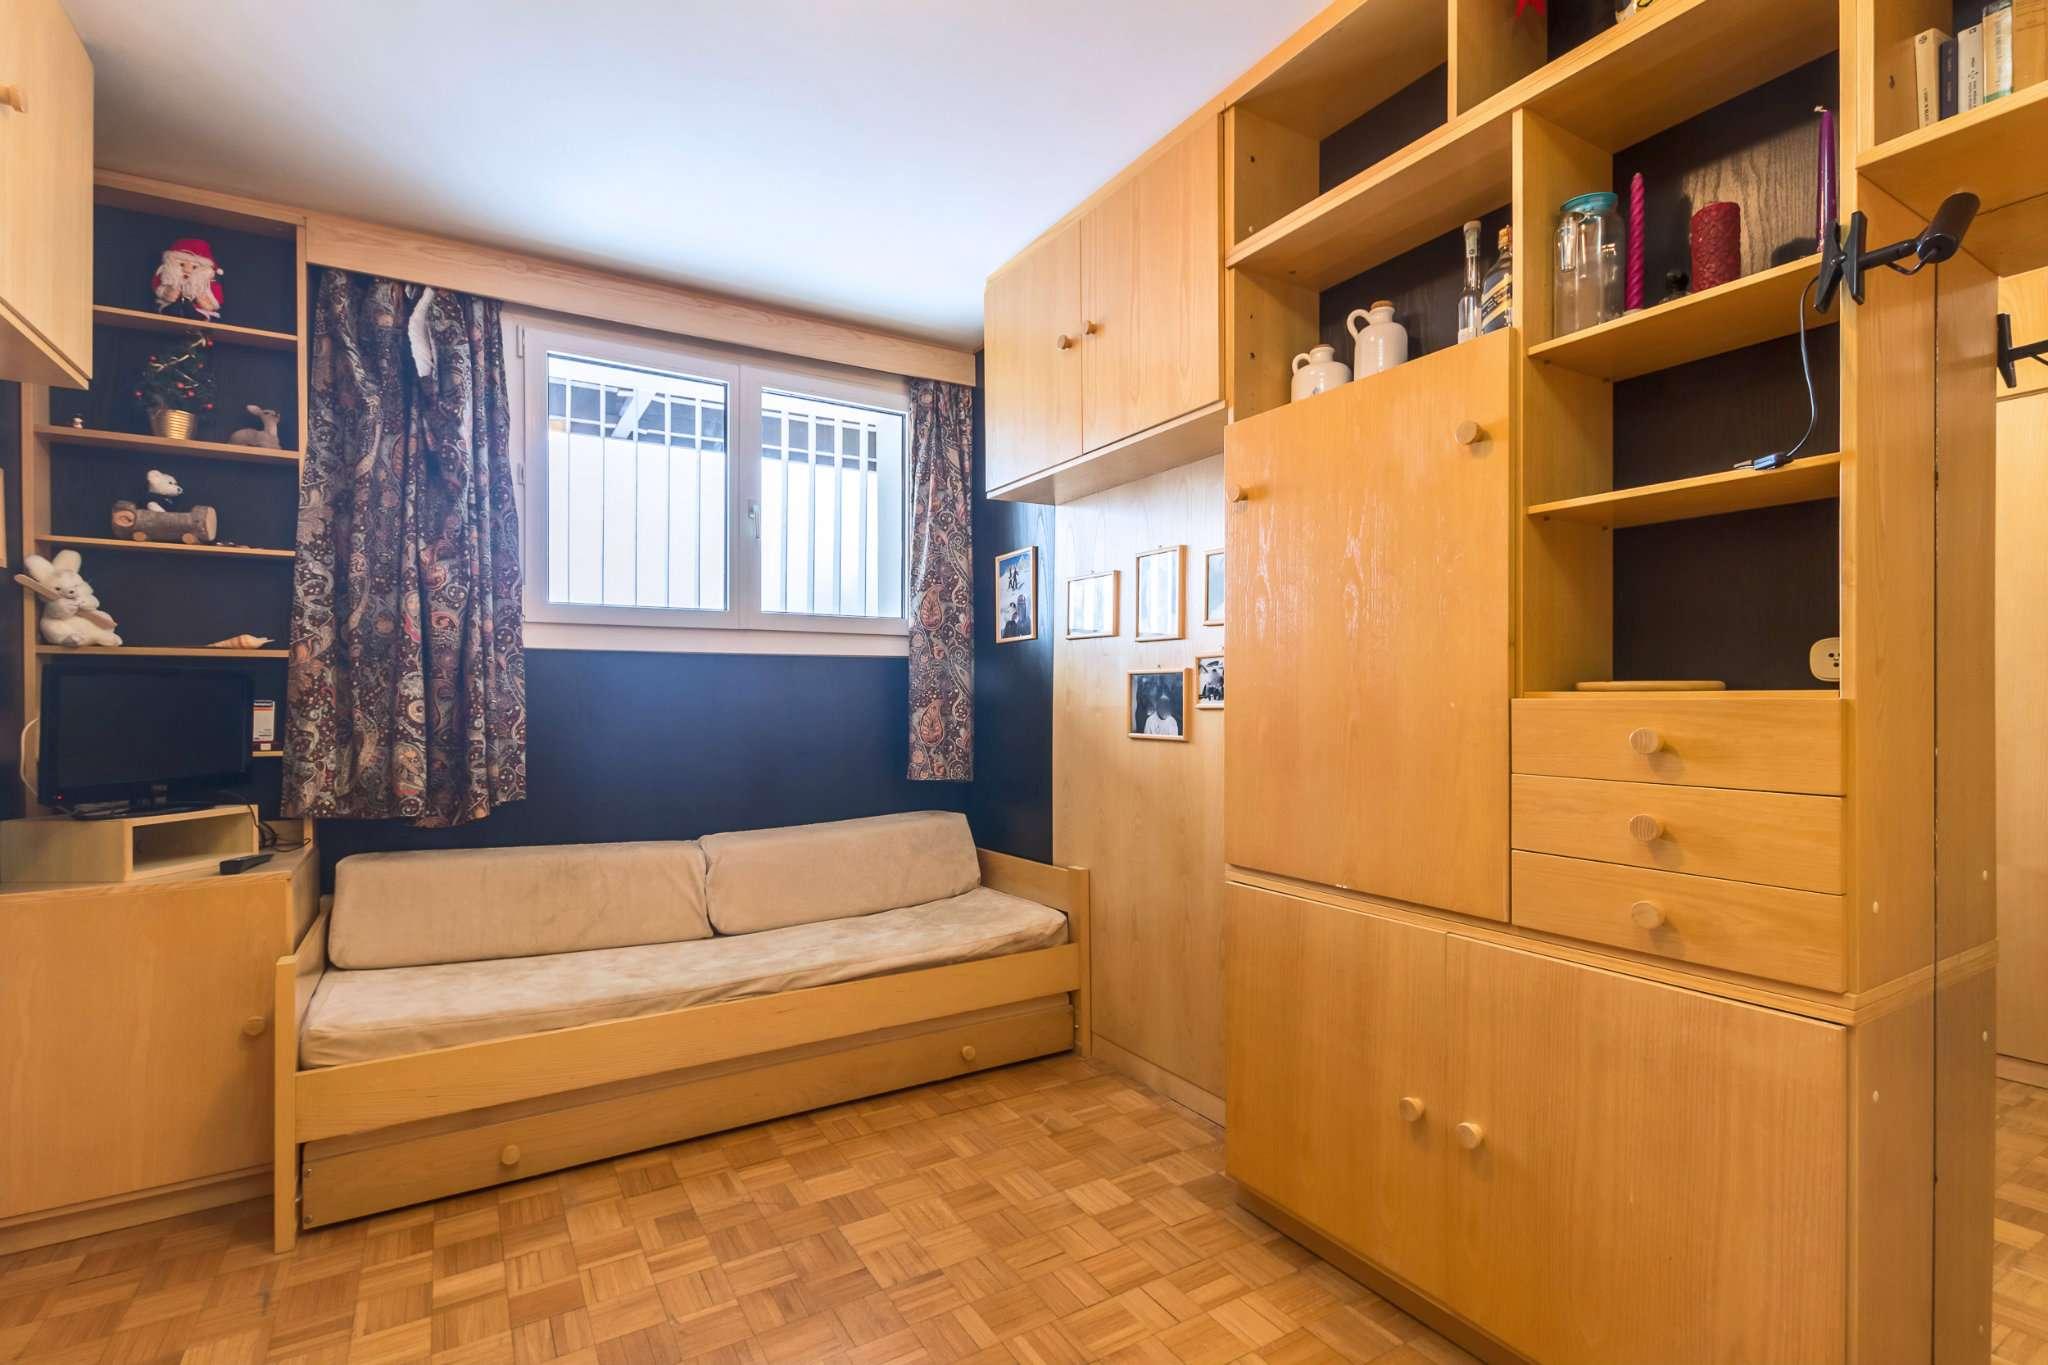 Appartamento in vendita a Selva di Val Gardena, 1 locali, prezzo € 125.000 | Cambio Casa.it